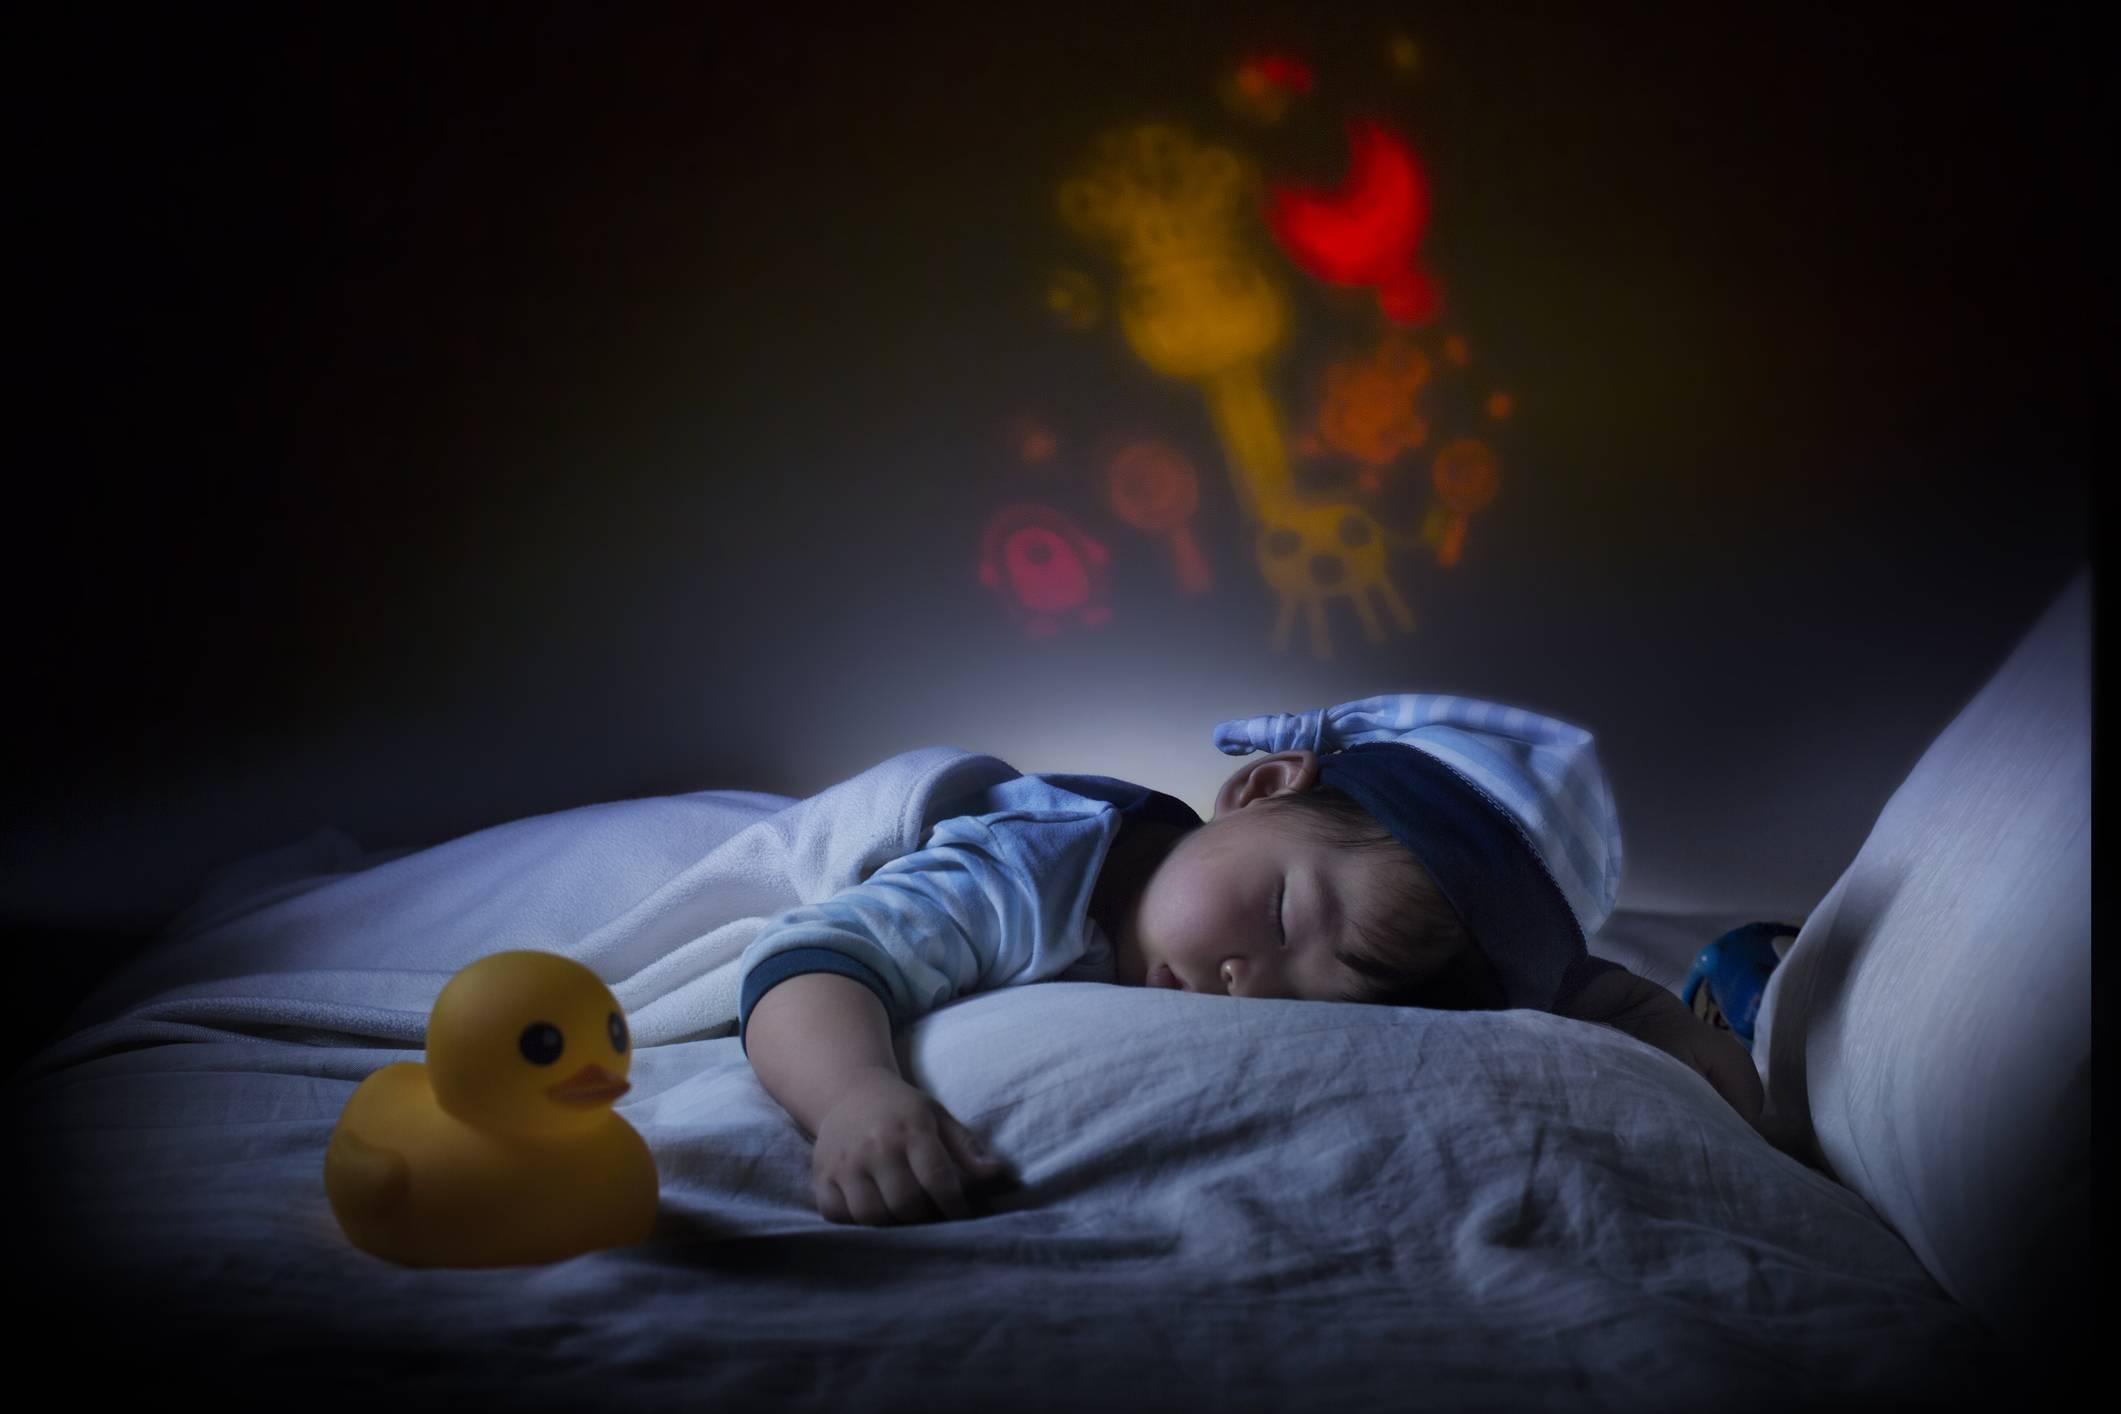 Ребенок 5 месяцев плохо спит ночью: причины, решение проблемы